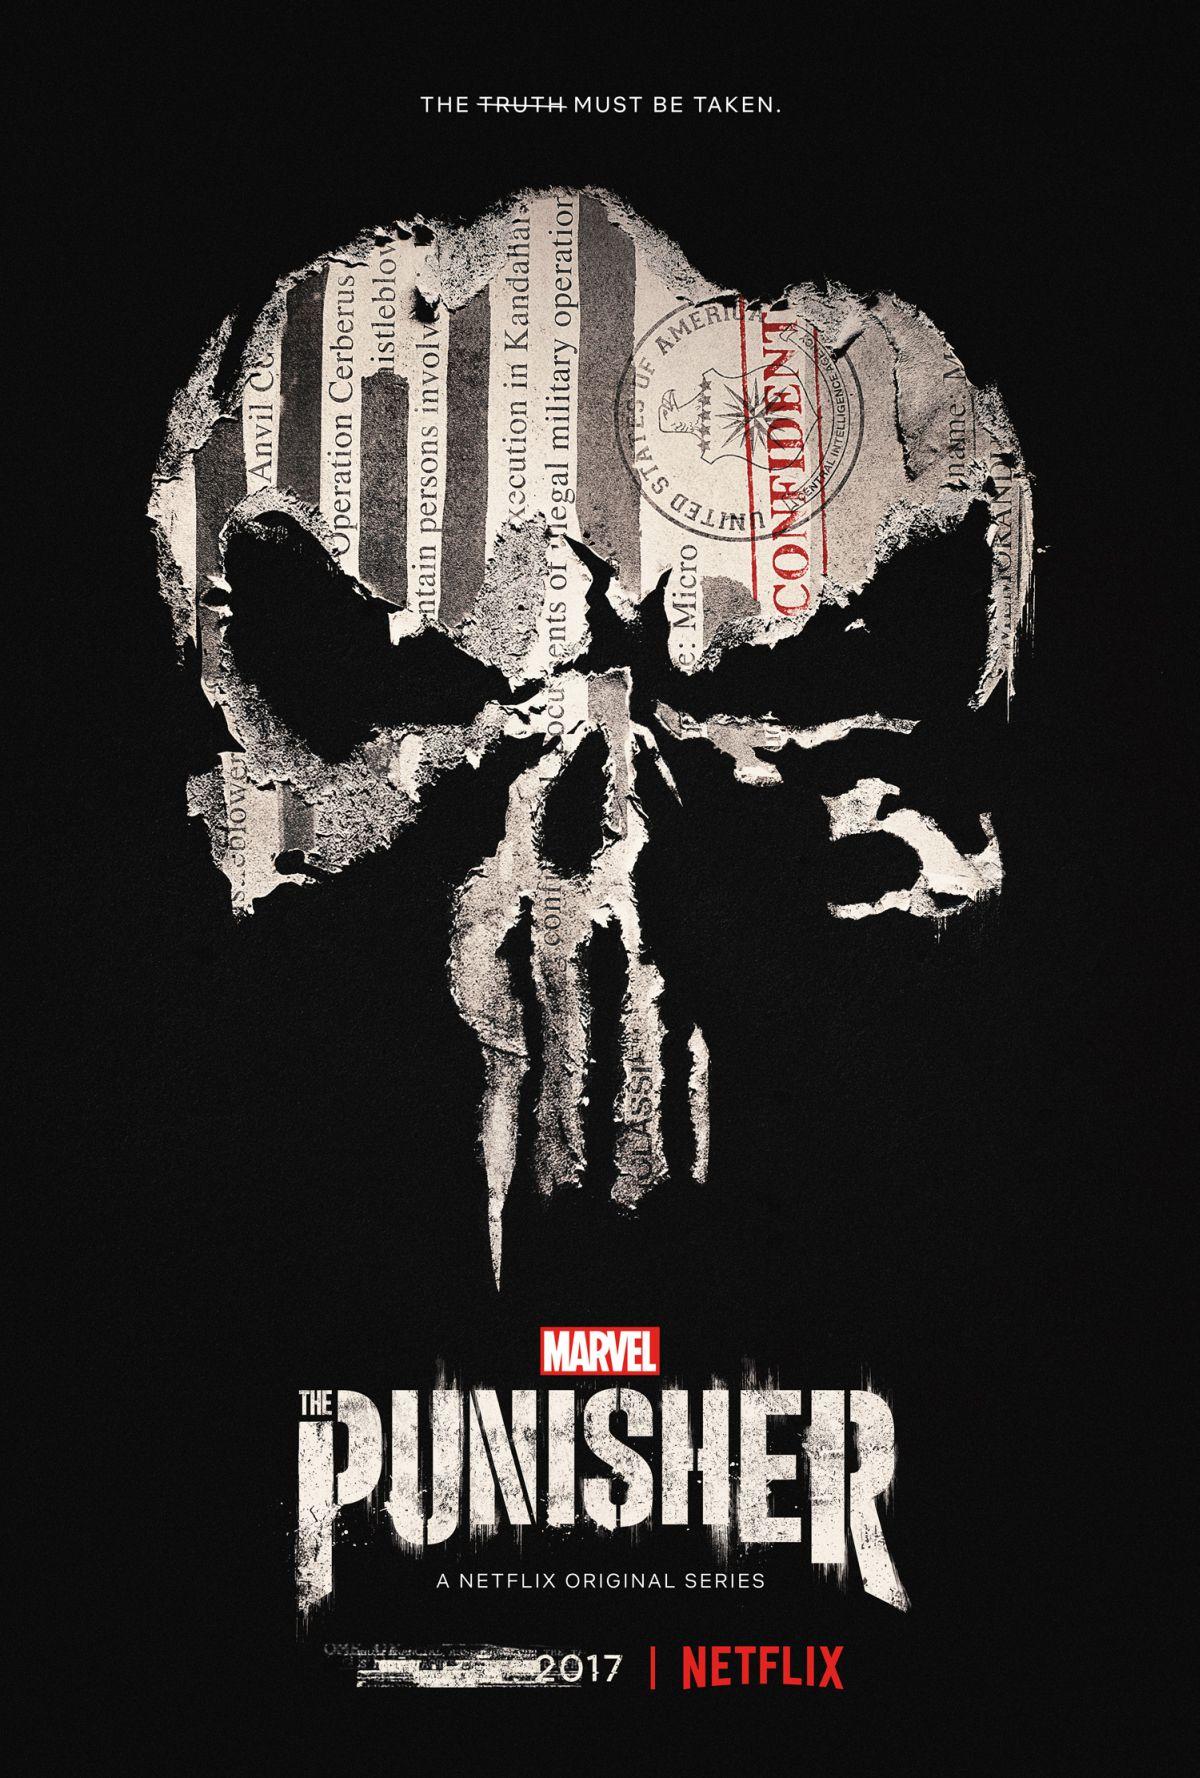 Trailer prichádza aj s novým plagátom so zakrytým dátumom